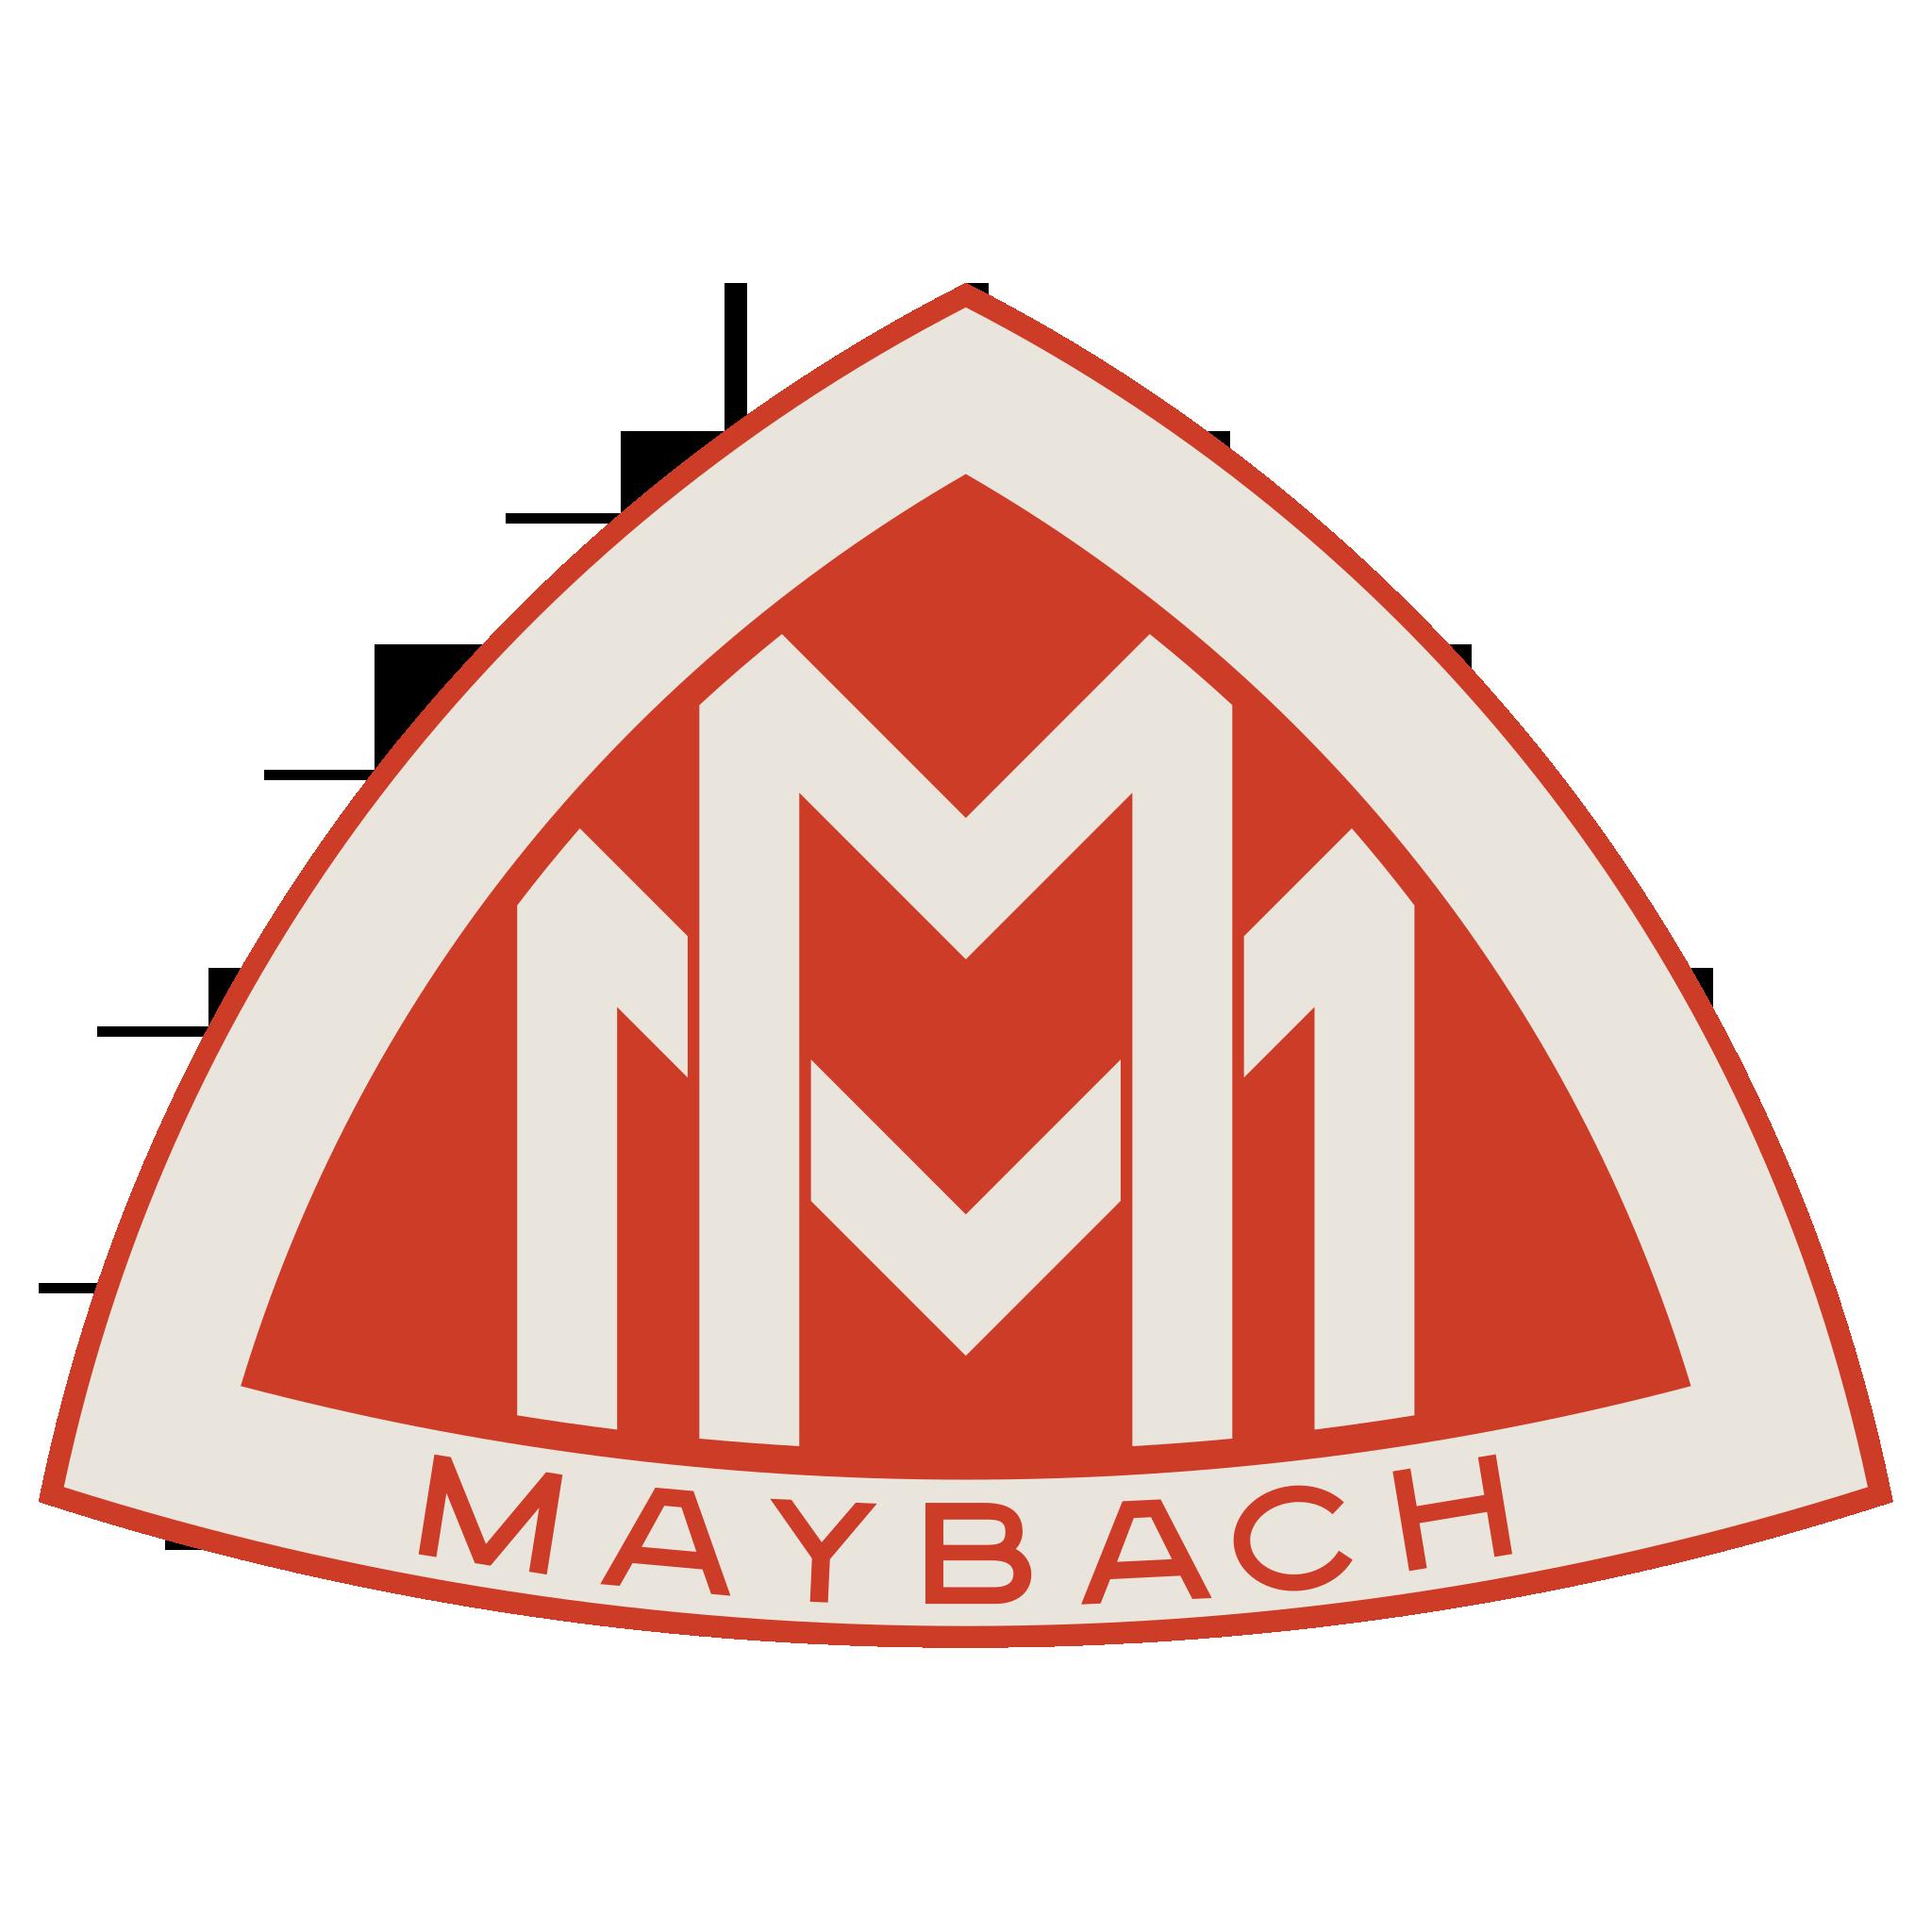 Maybach Logo (Red) 2048x2048 HD png Maybach